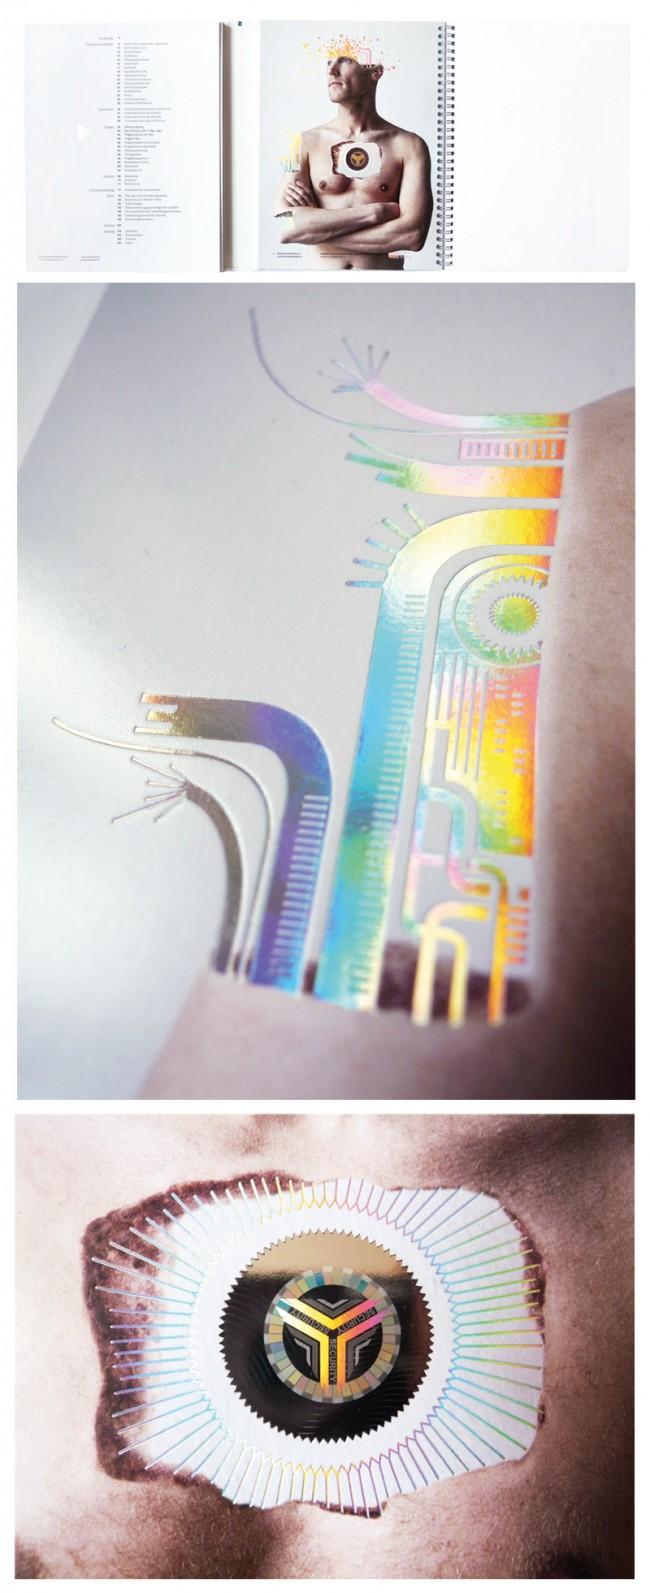 Extra | Hologramm-Folienprägung-Beitrag zu dem Buch »Extra - Enzyklopädie der Druckveredelungen« von Franziska Morlok und Till Beckmann (Rimini Berlin).  Kunde: Rimini Berlin. Jahr: 2010